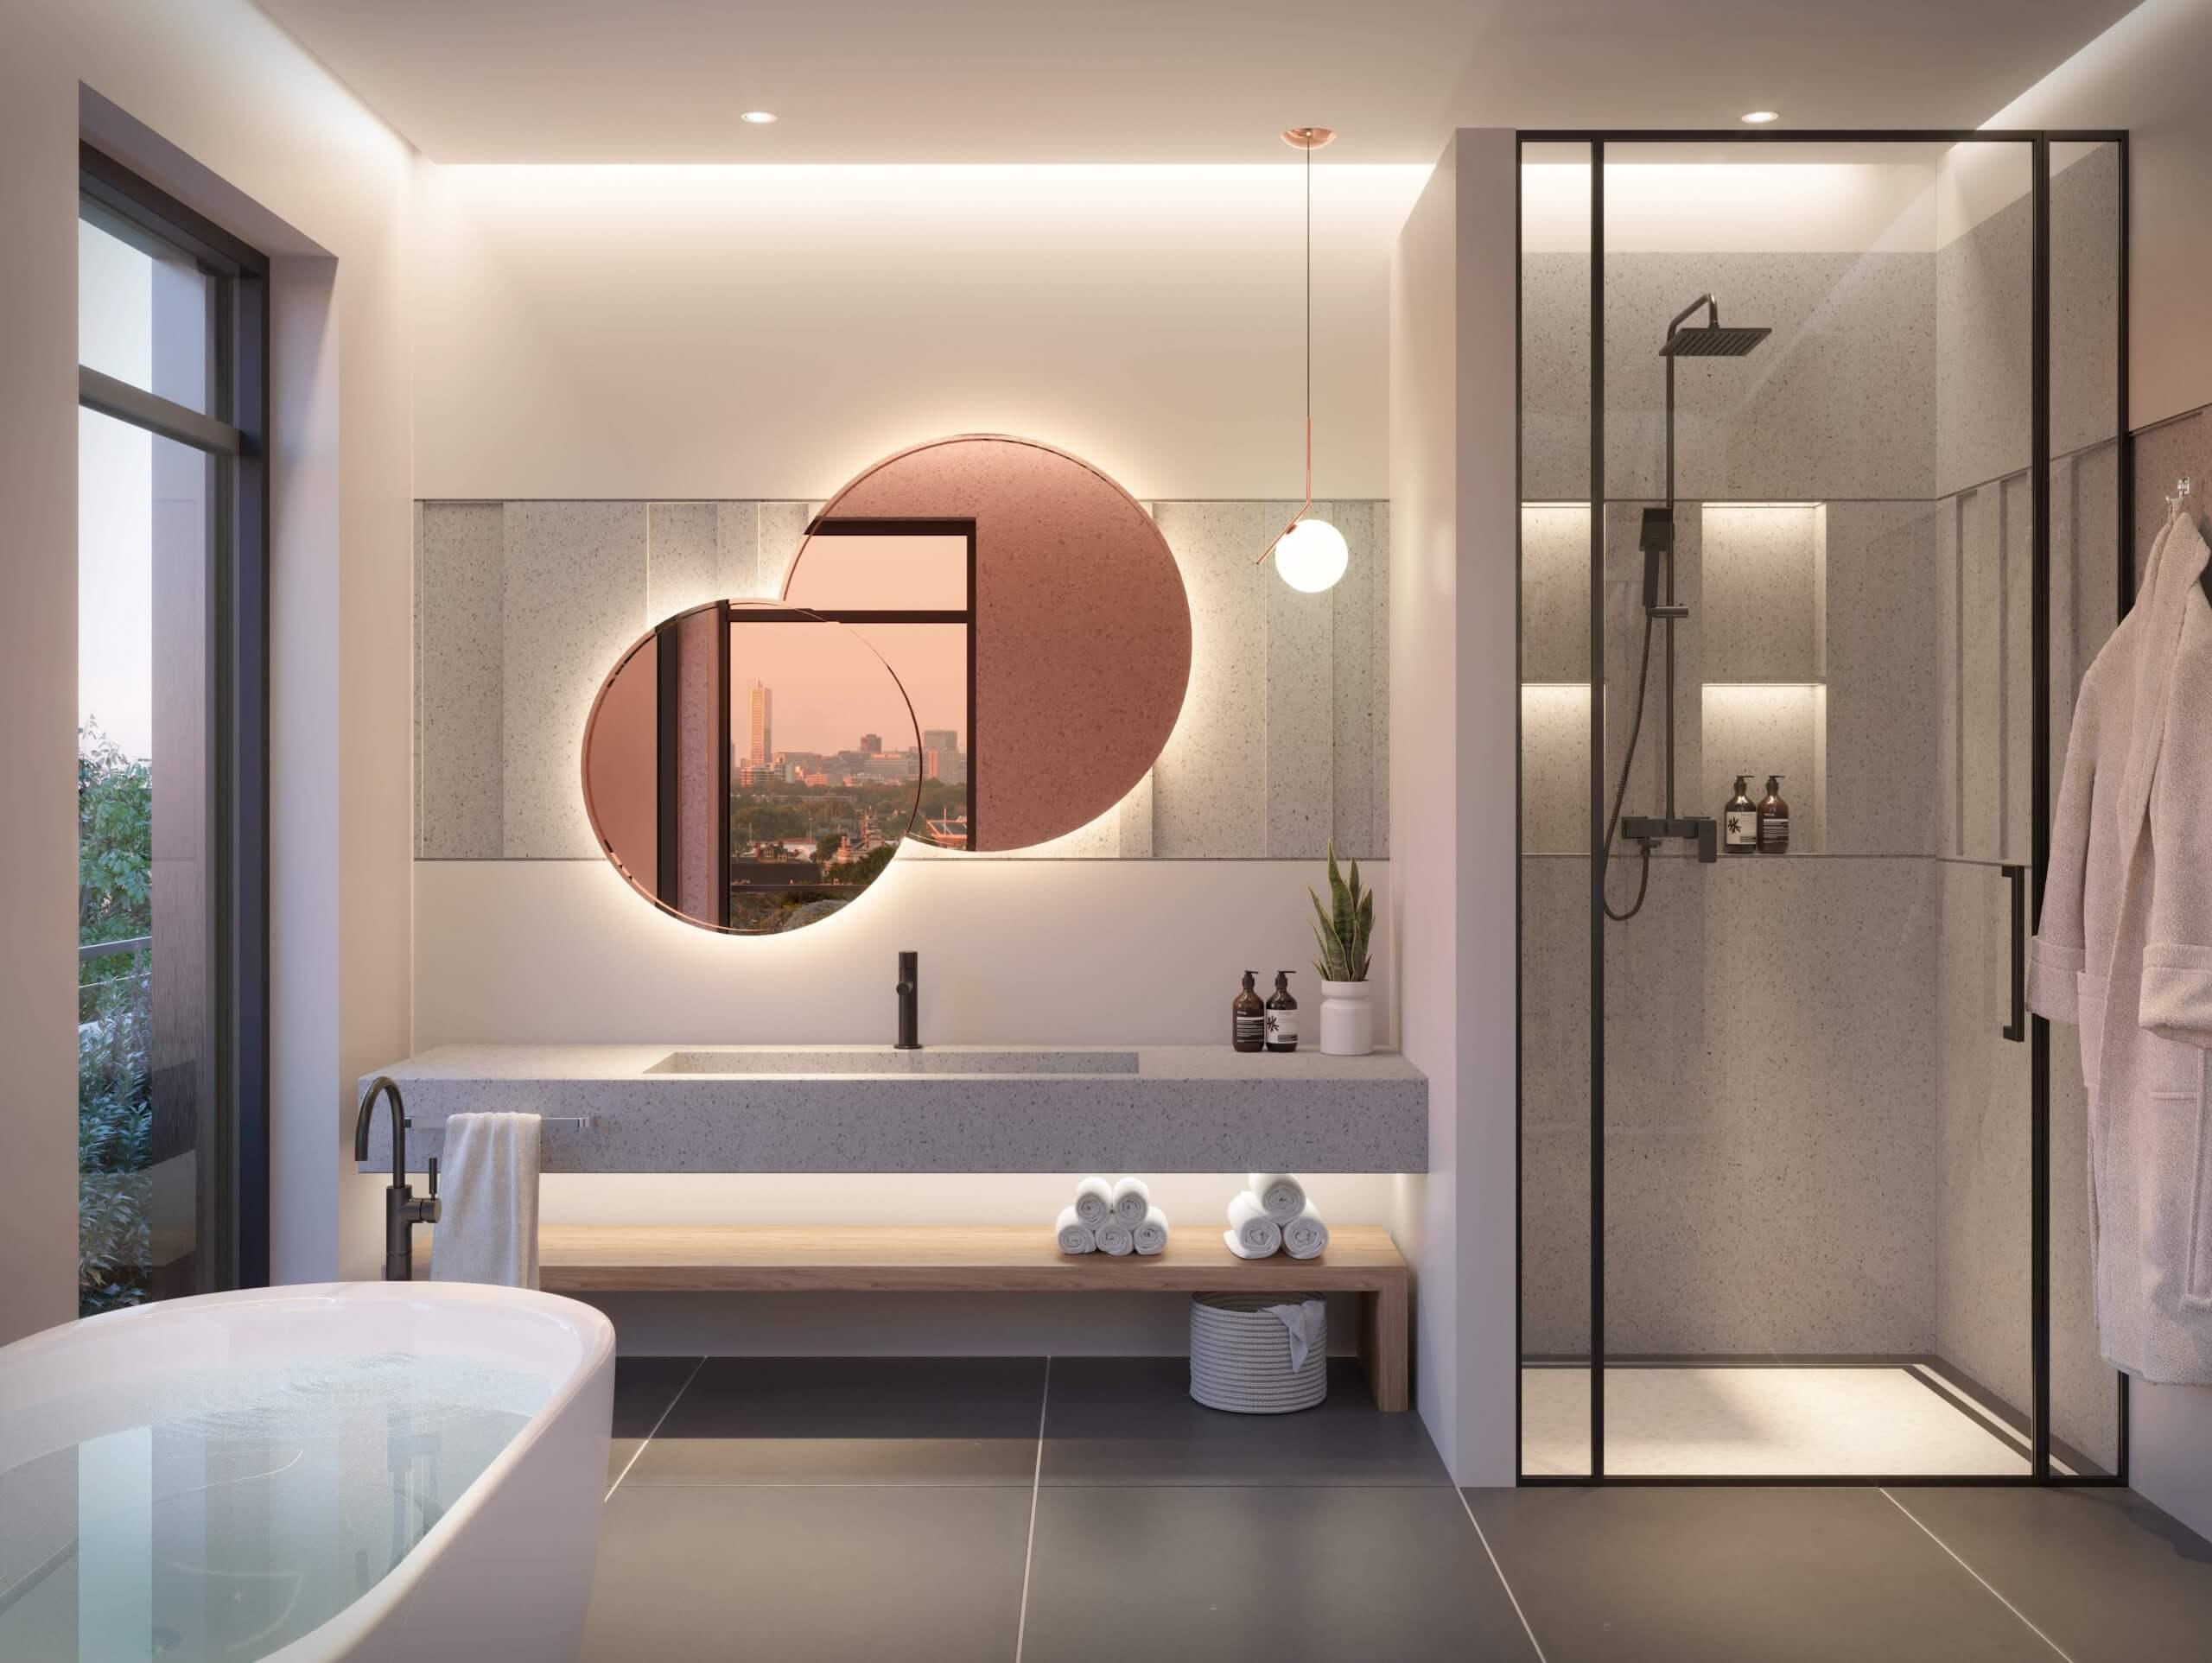 C01_R04_Bathroom